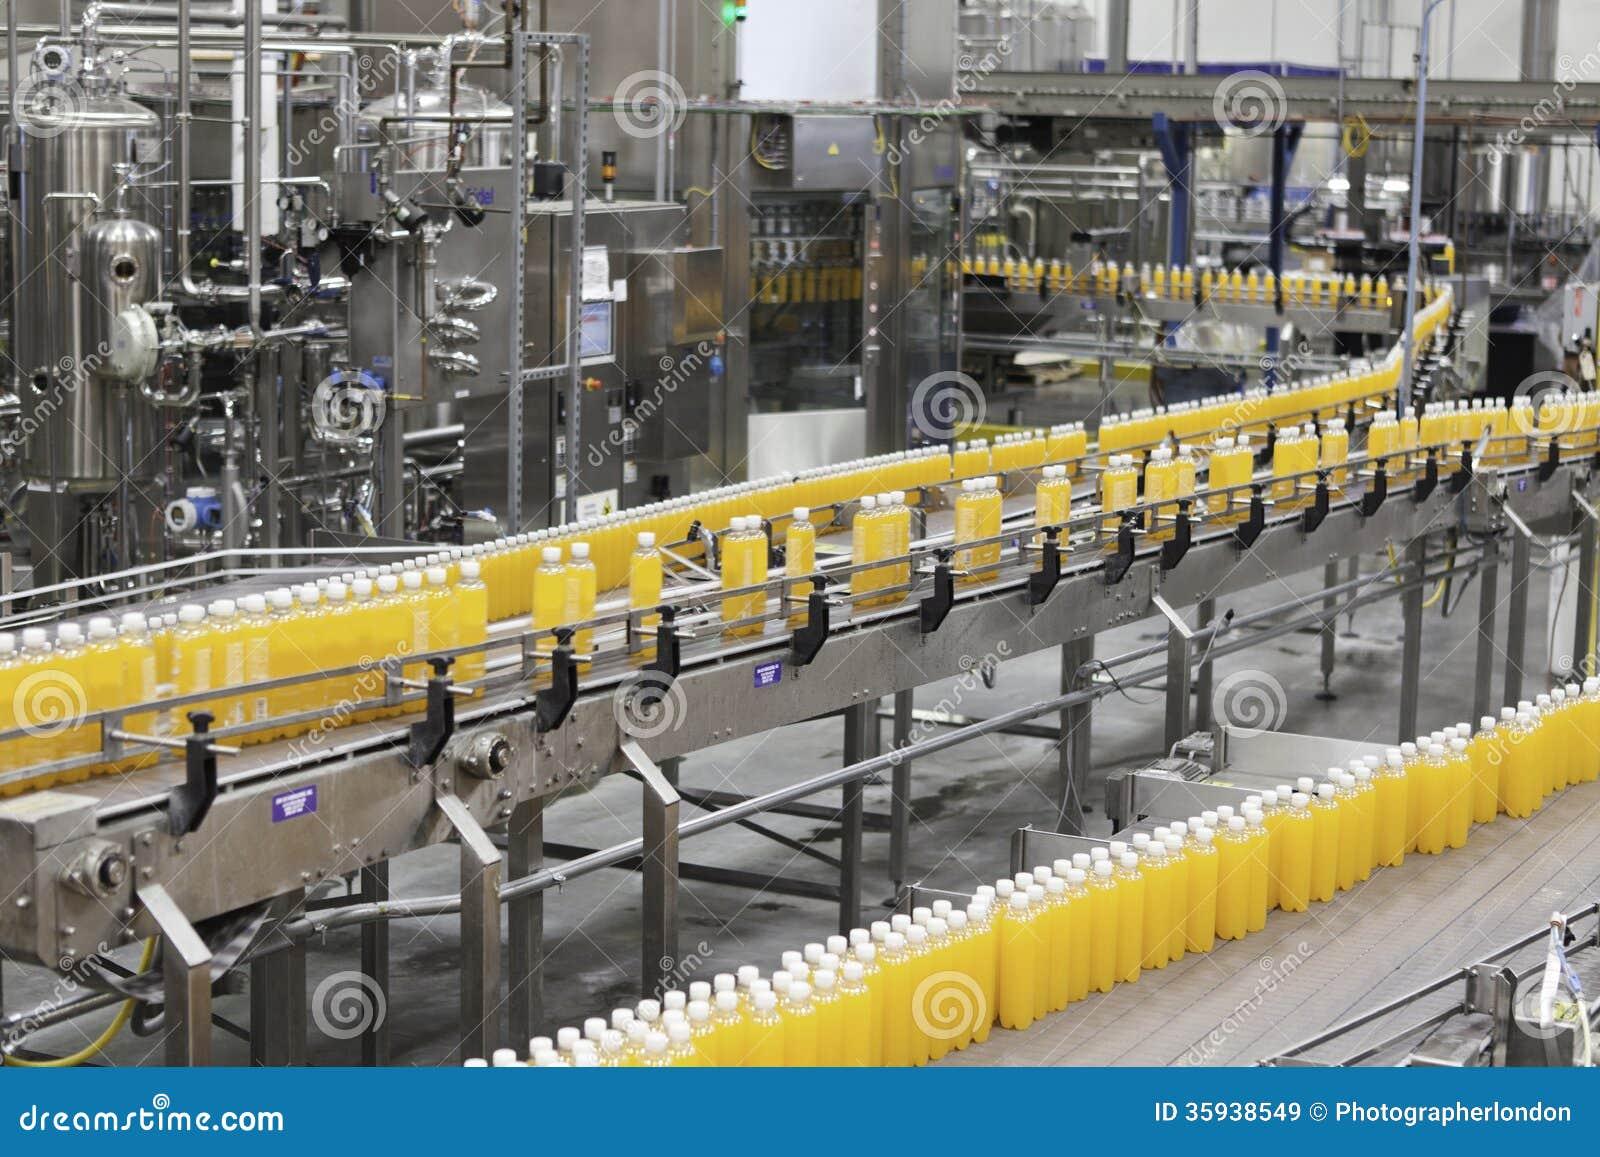 Bottiglie imballate che passano nastro trasportatore nell industria di imbottigliamento